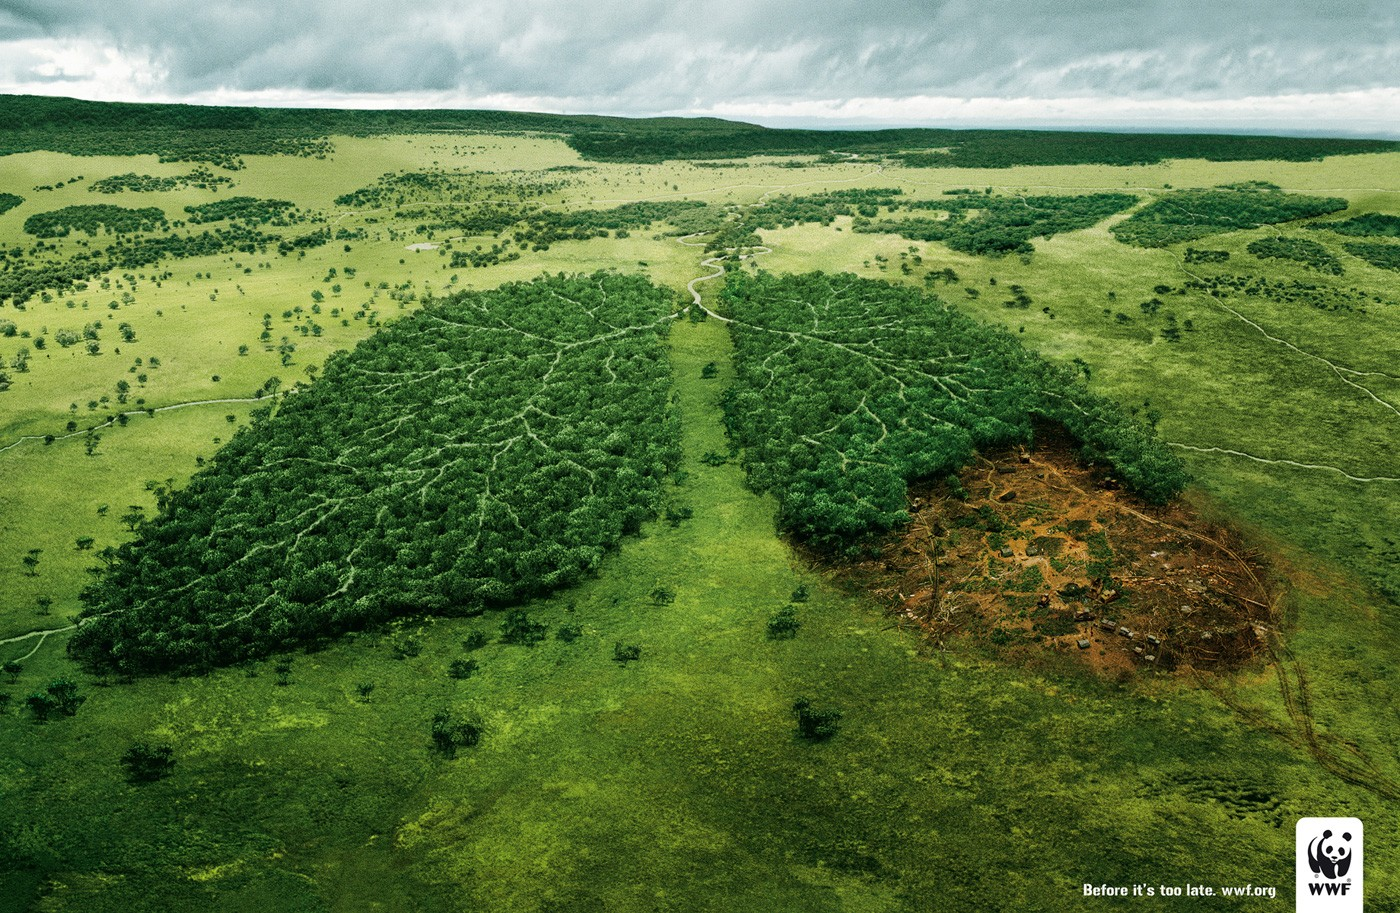 """Résultat de recherche d'images pour """"image de notre planete"""""""